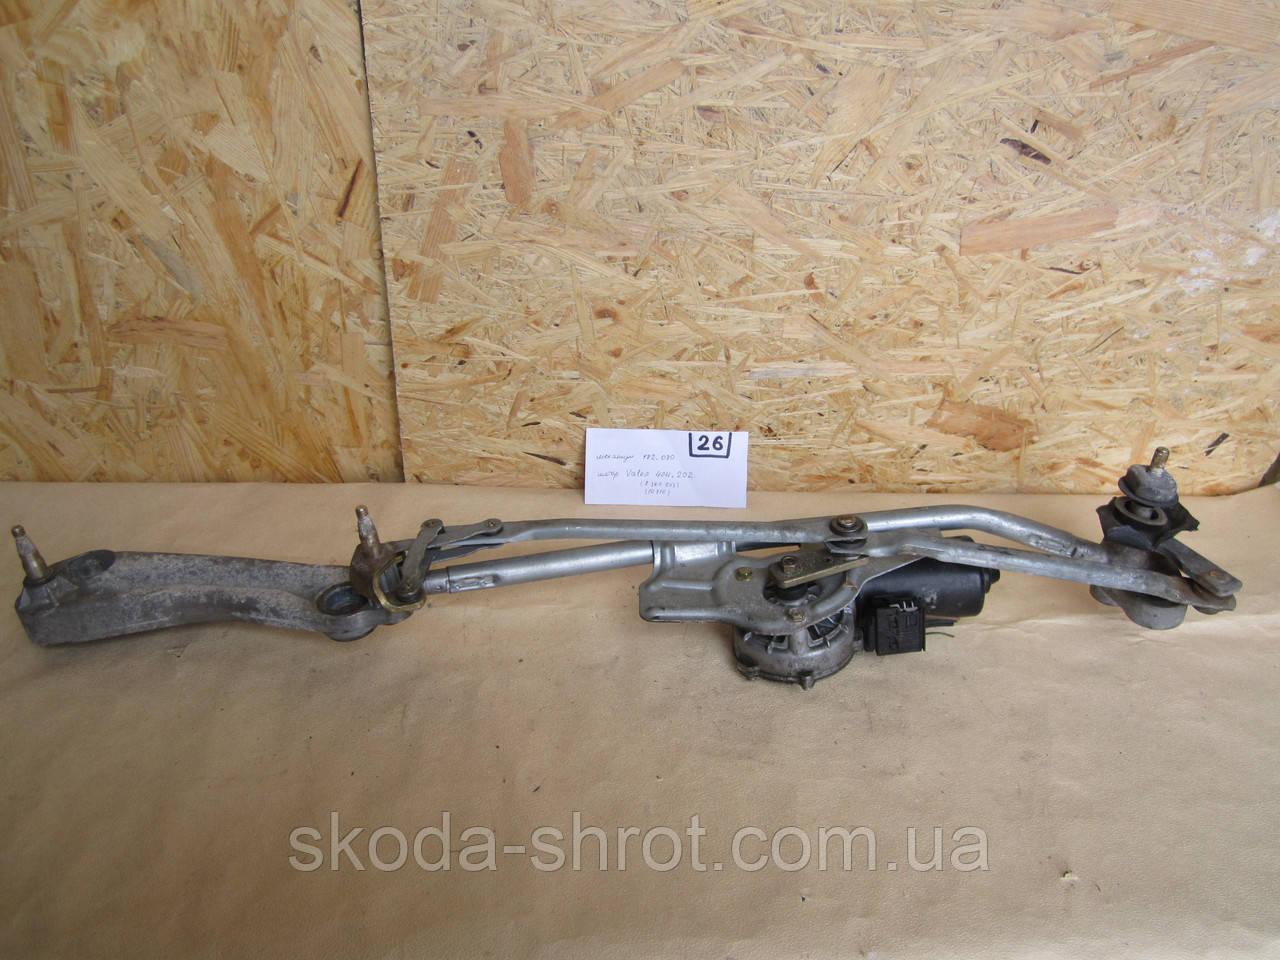 61618385218 Трапеция механизм моторчик стеклоочистителя передний BMW 5-СЕРИЯ E39 (1999 - 2003) 67638360603